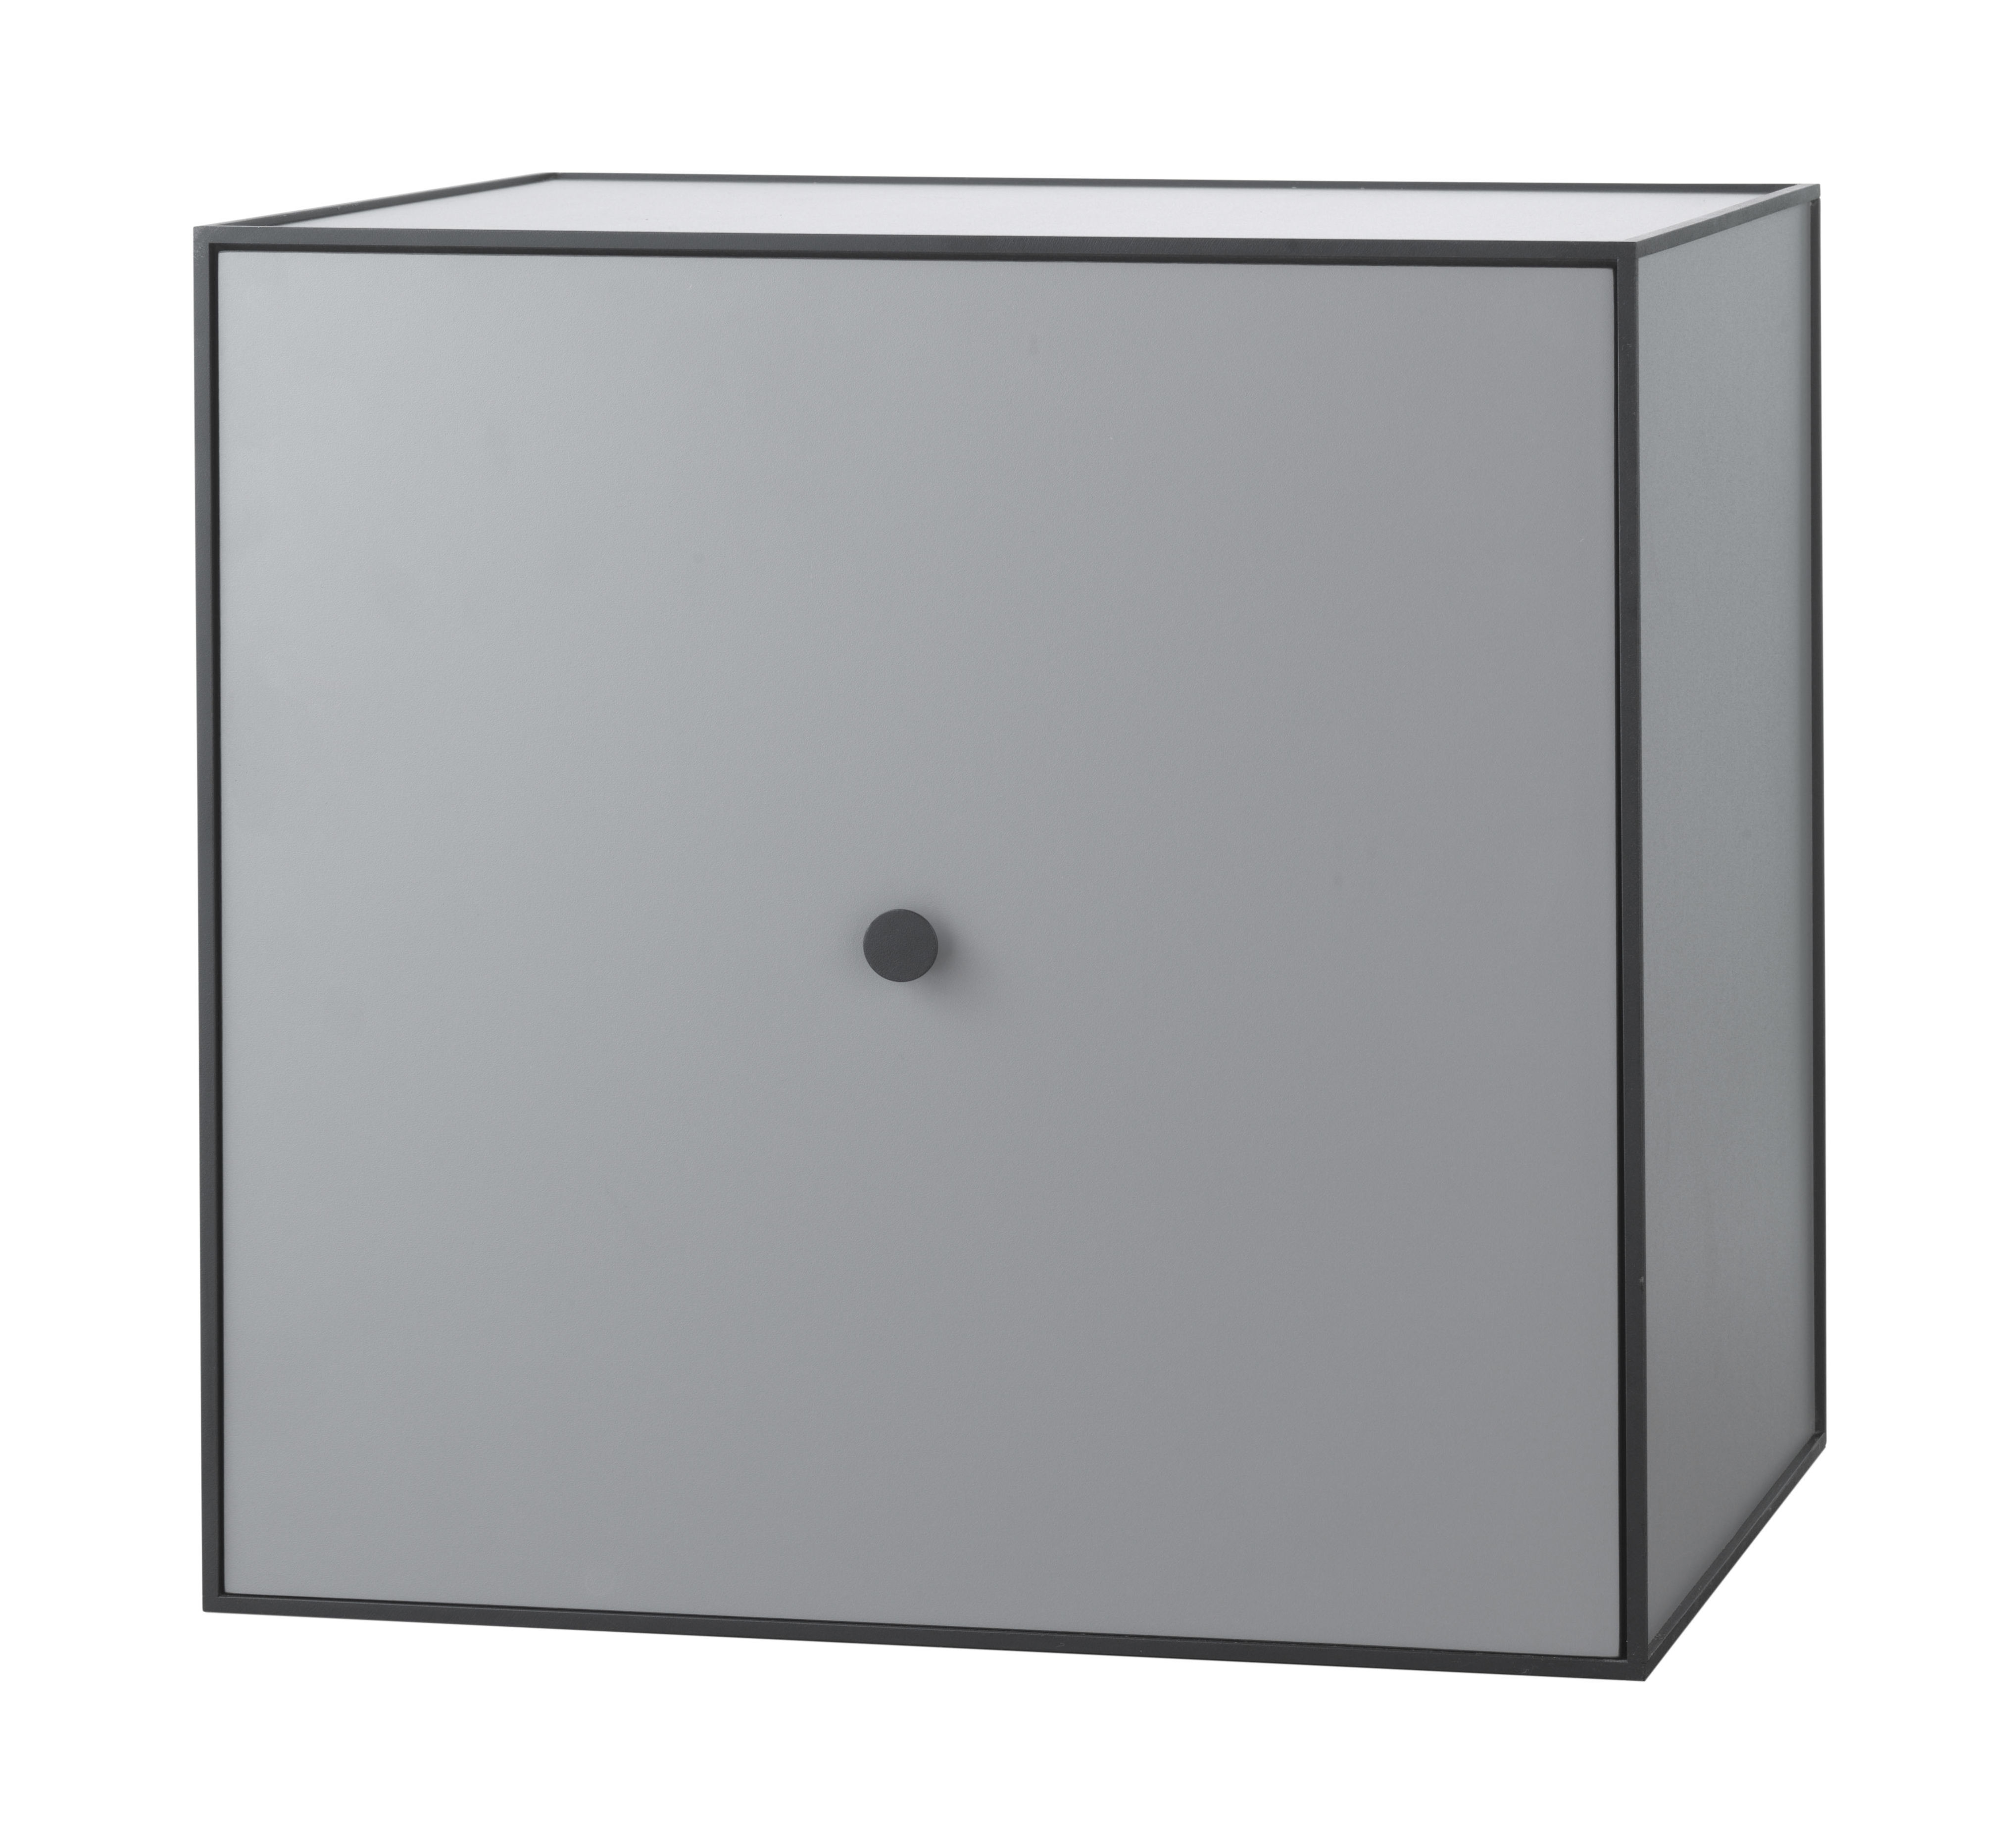 Mobilier - Etagères & bibliothèques - Etagère Frame / Boîte - 49x49 cm - by Lassen - Gris foncé - Mélamine, Métal laqué époxy